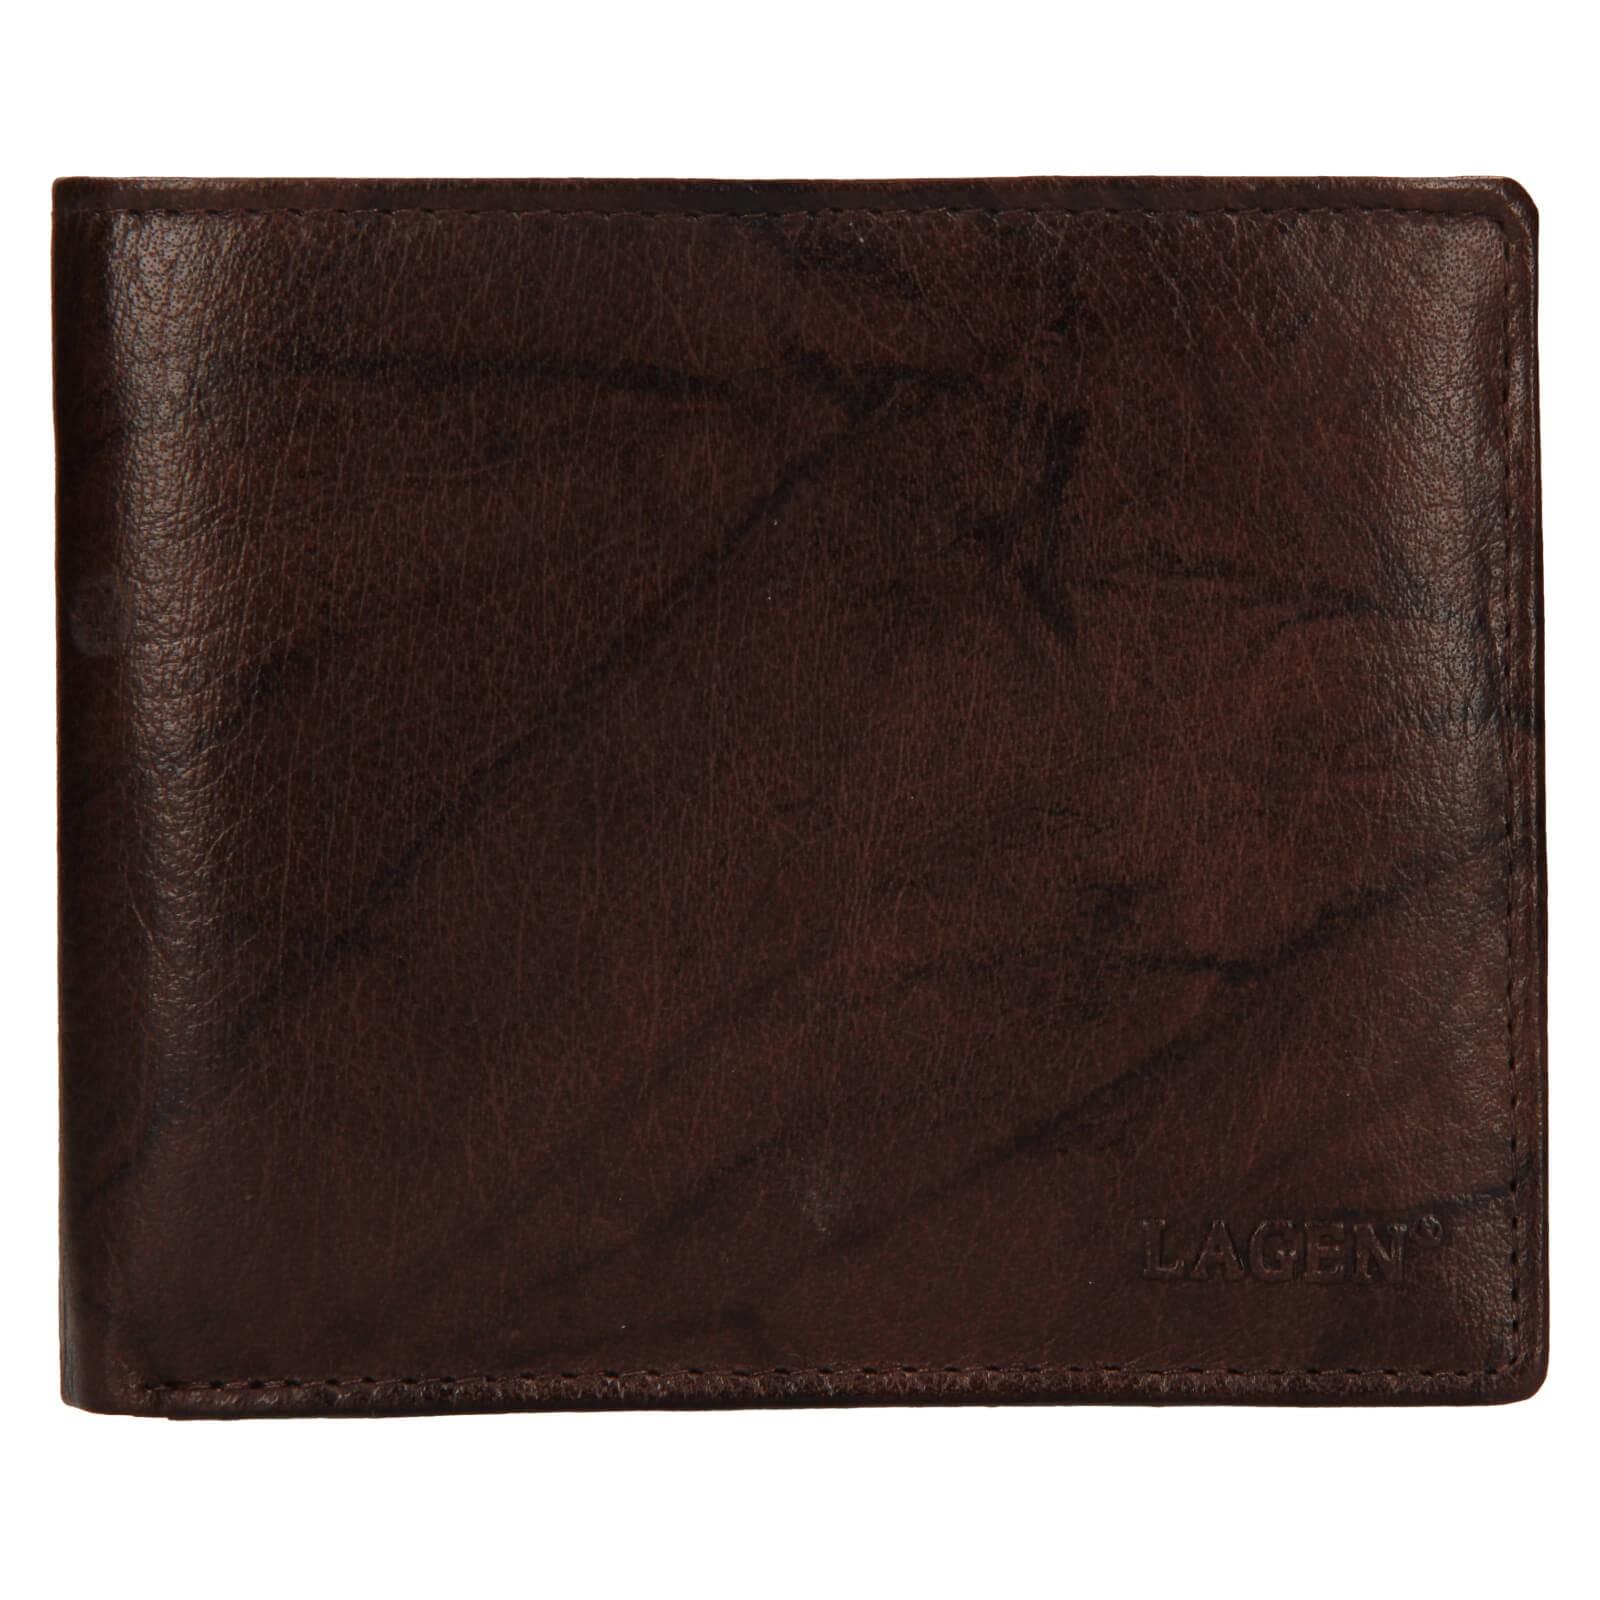 Pánska kožená peňaženka Lagen Niklas - hnedá